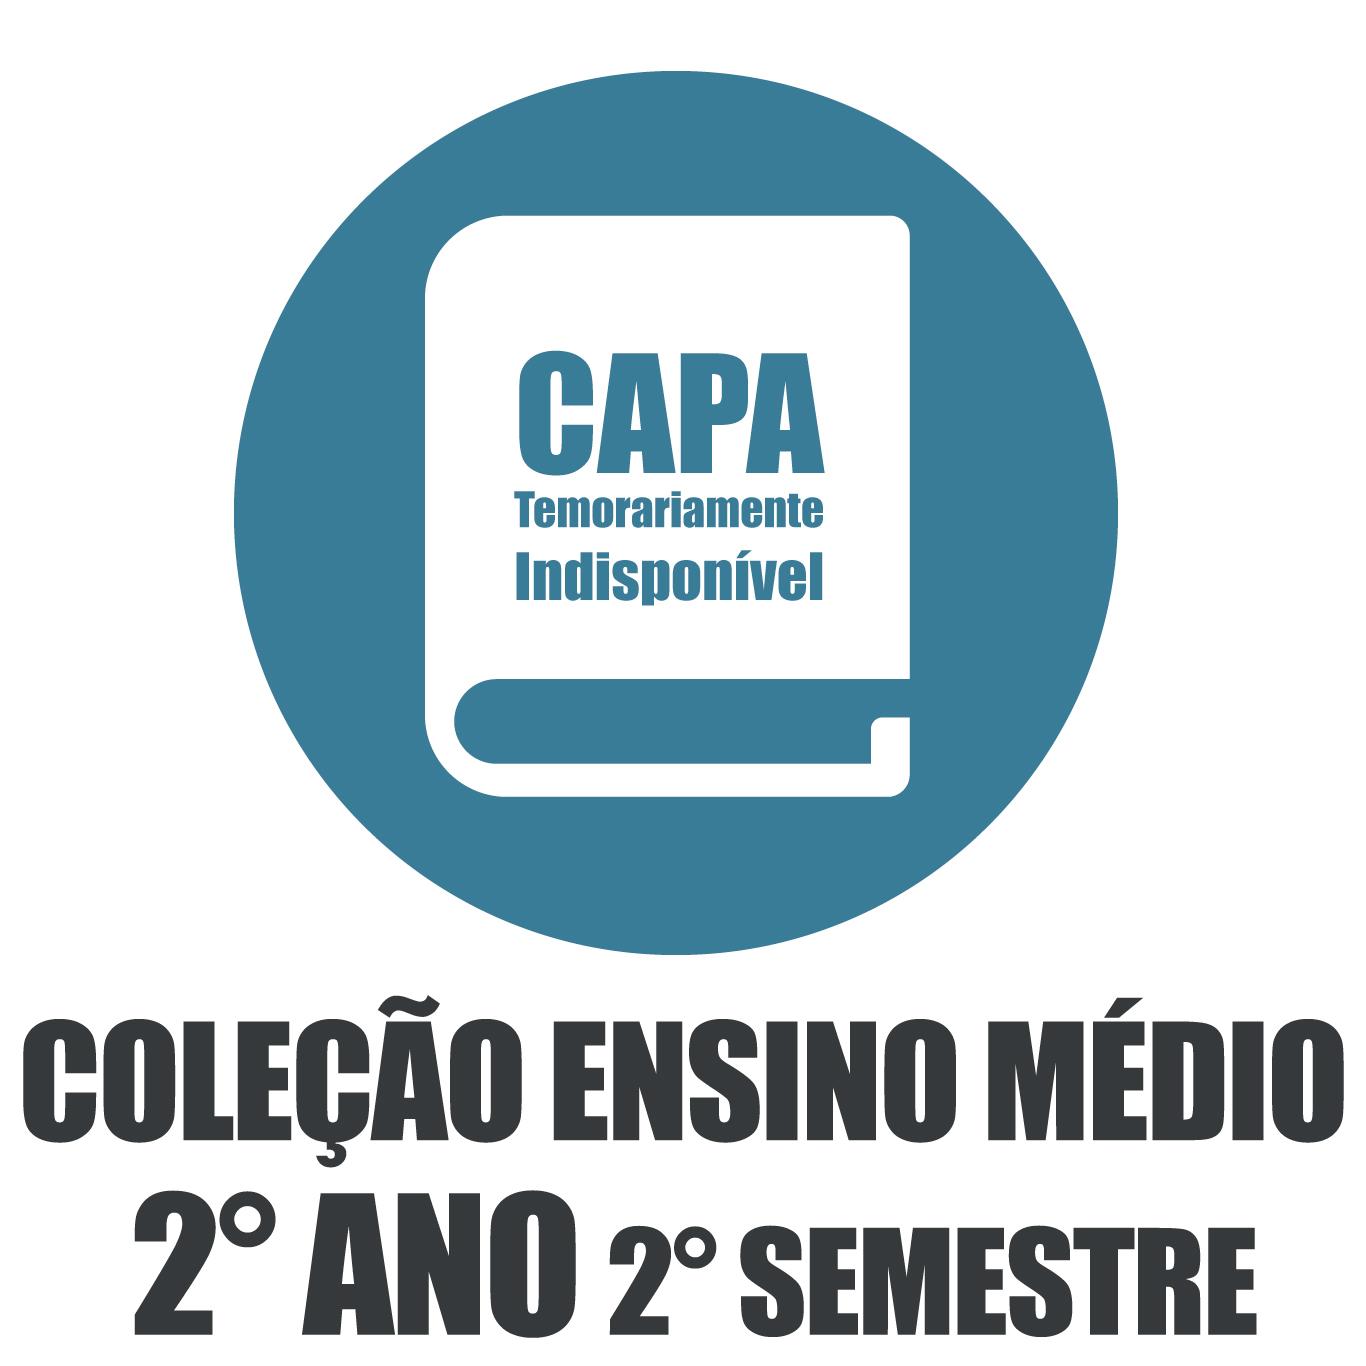 Coleção Ensino Médio - 2 Ano - 2° Semestre